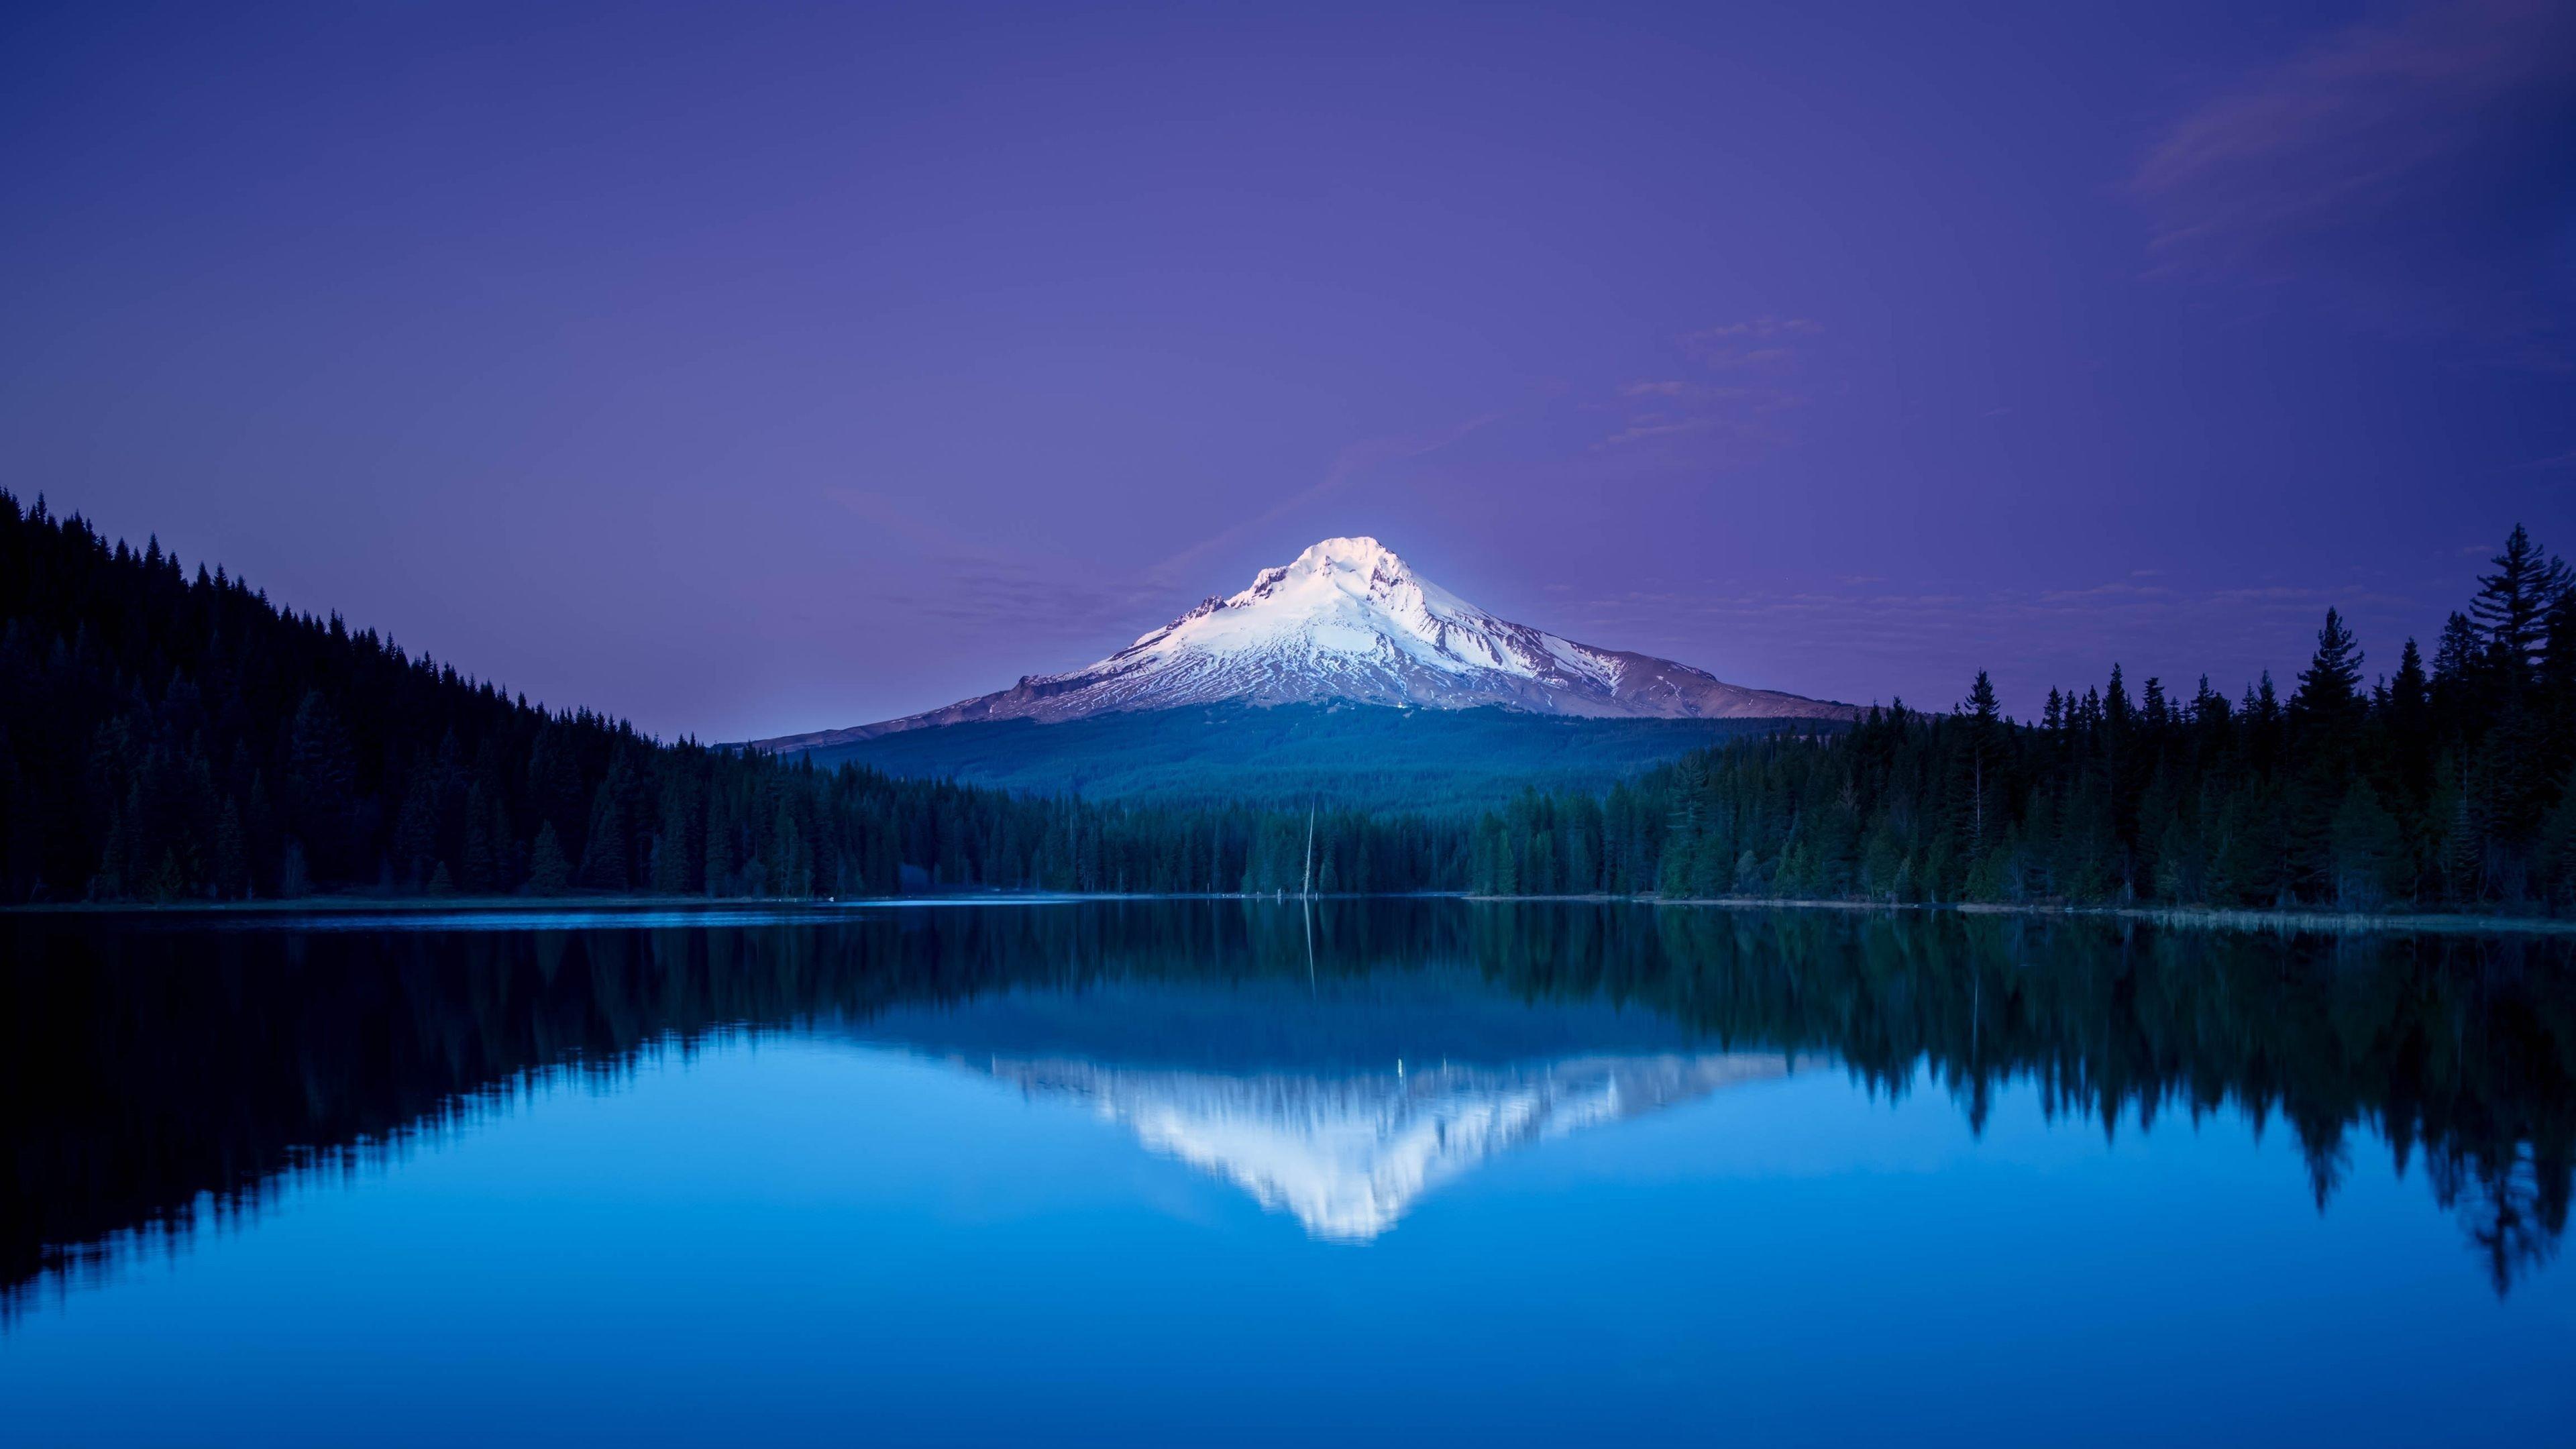 Fondos de pantalla Montaña reflejada en lago en la noche